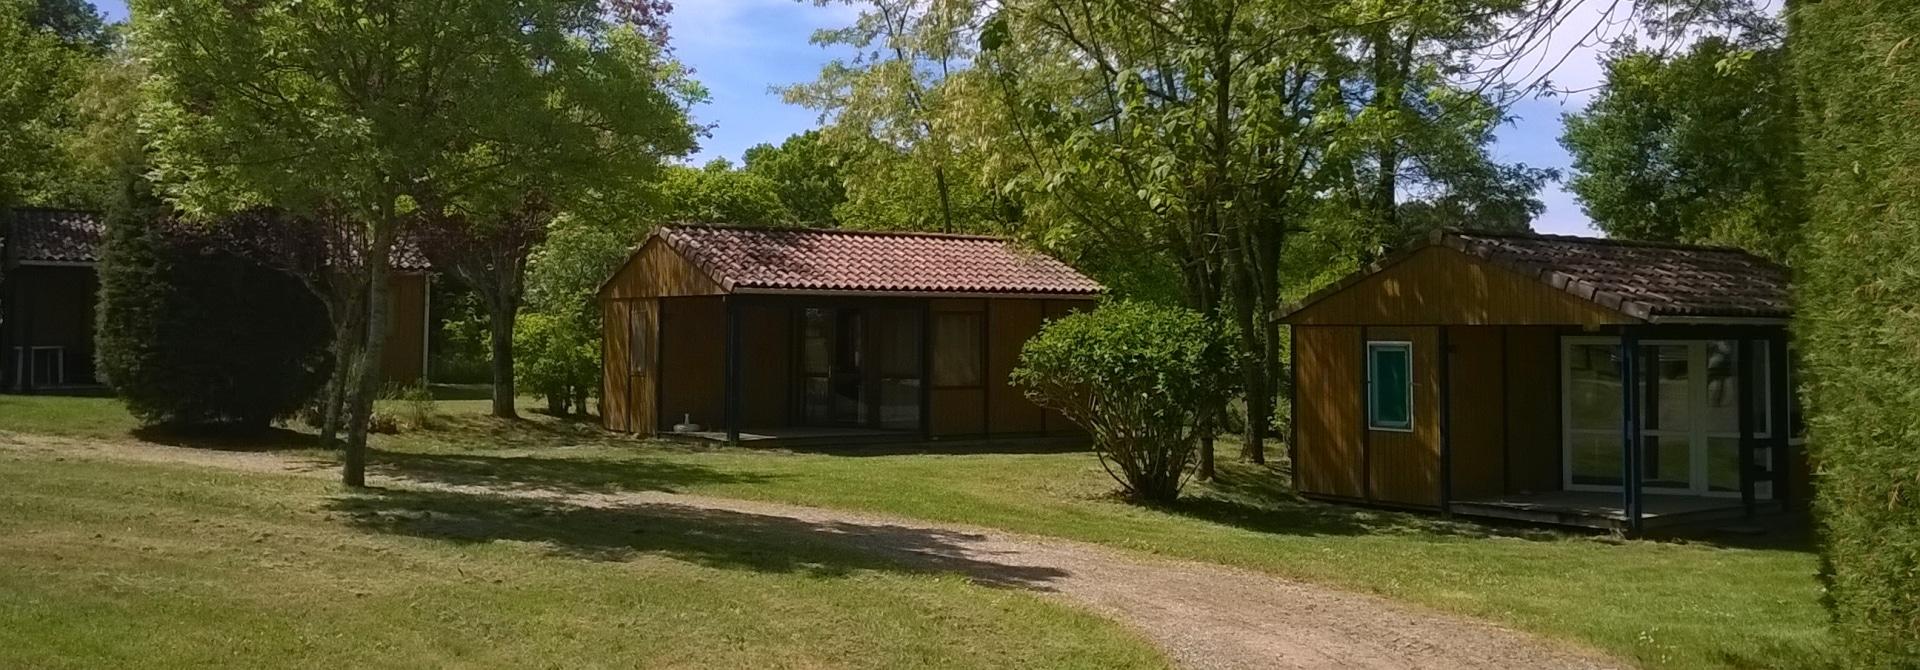 Petit camping nature dans le Lot - Camping Le Rêve - Chalet en bois